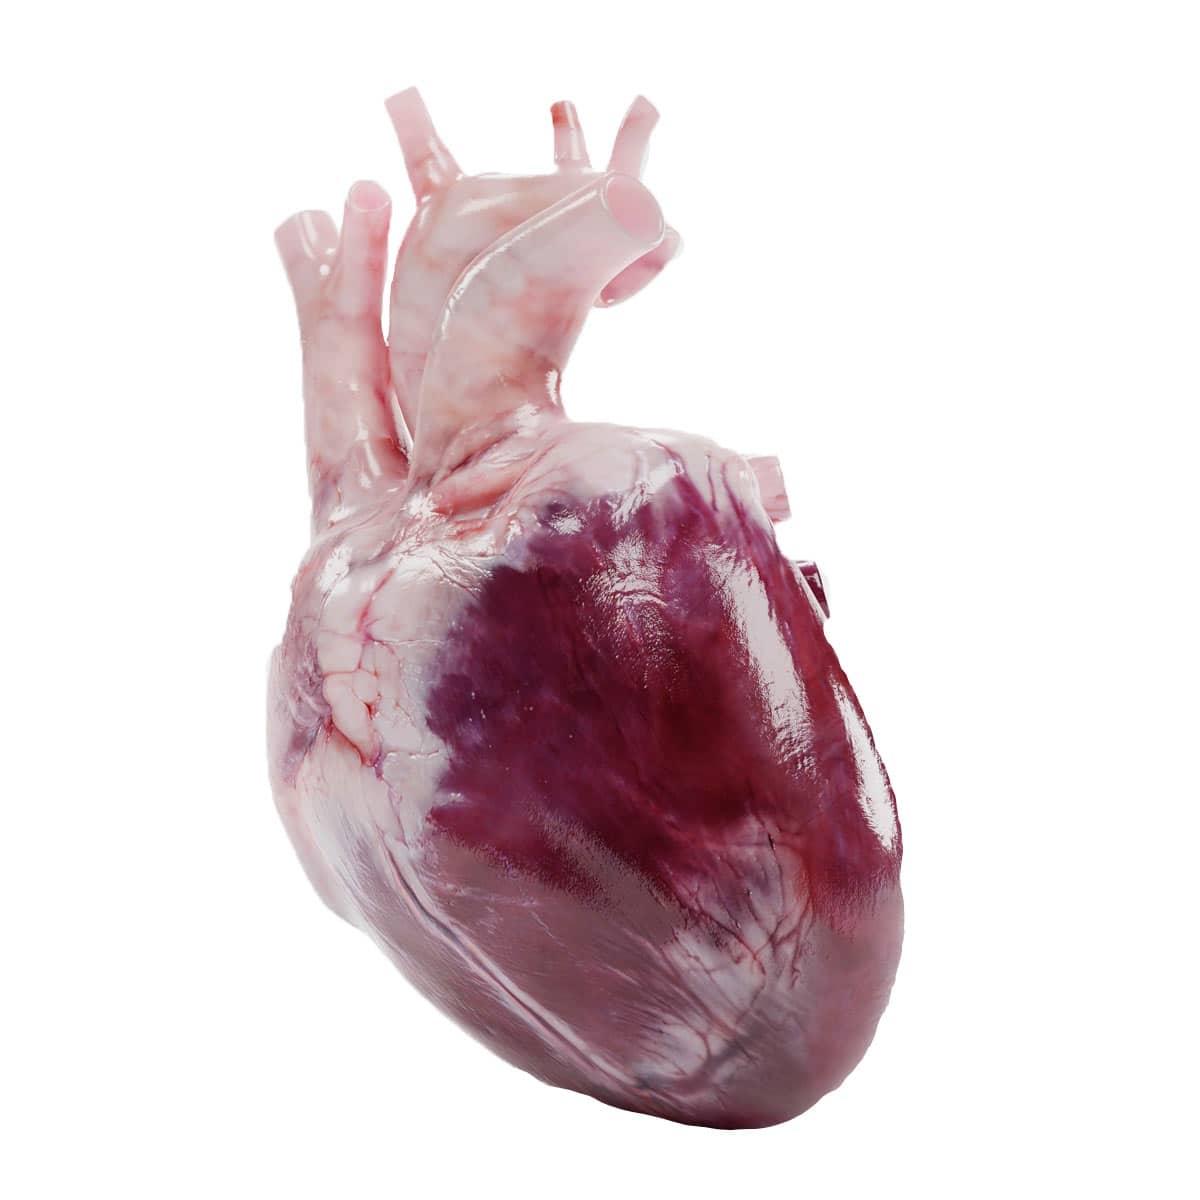 Medizinische 3D Animation Herz